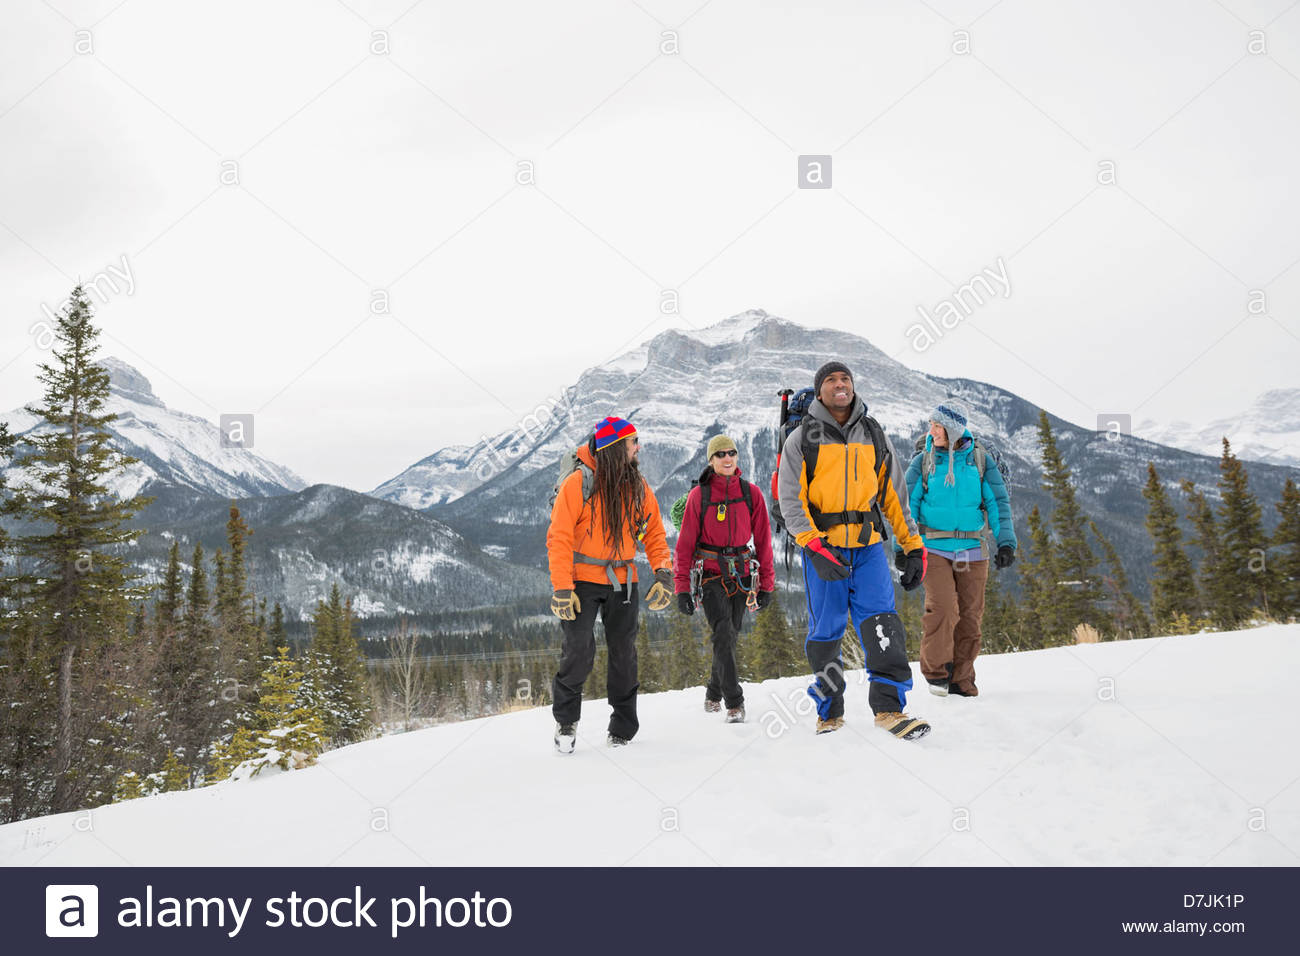 Gruppe von Freunden auf Winterwanderung in Bergen Stockbild